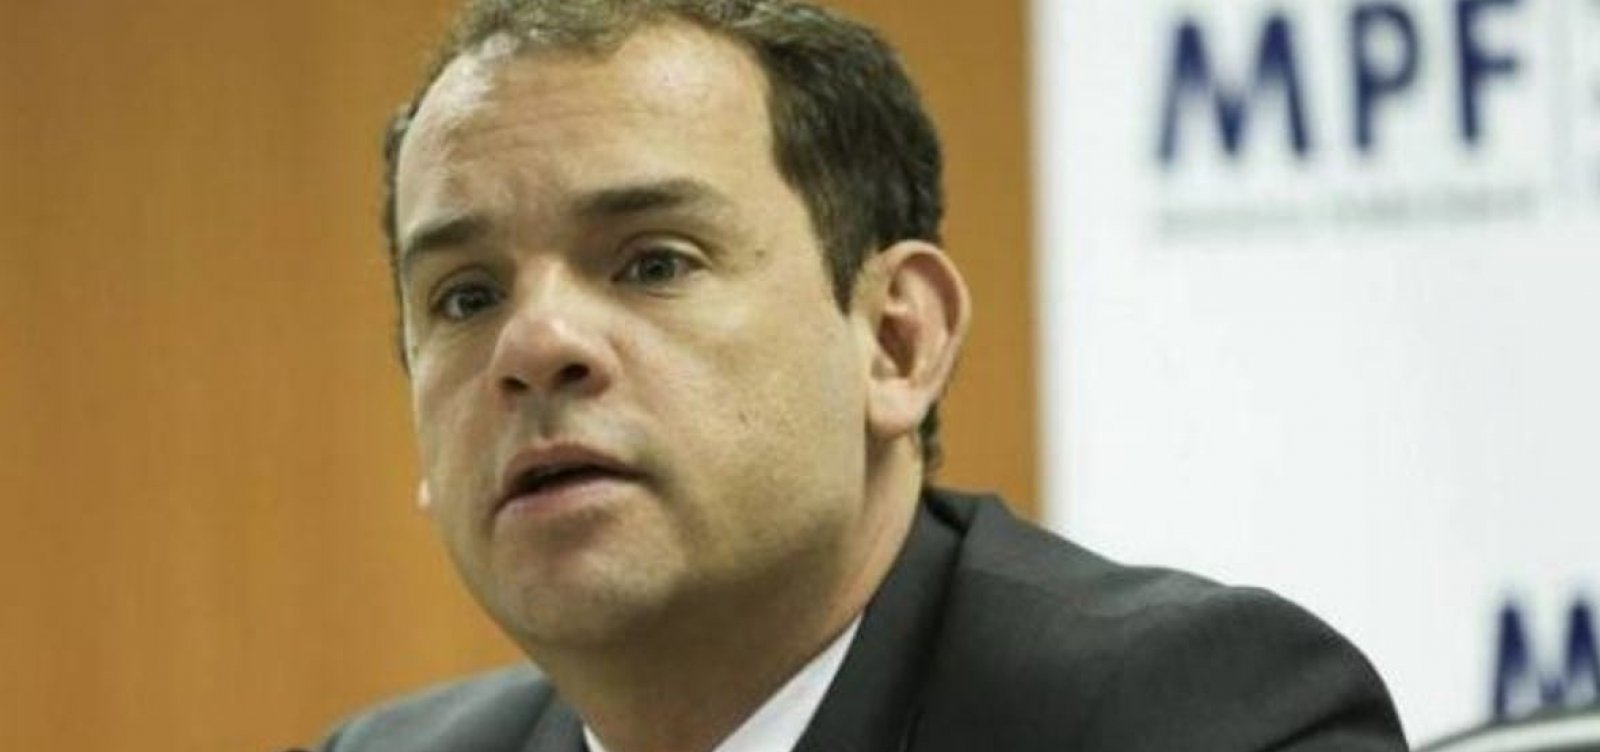 [Procurador que denunciou Glenn é o mesmo que acusou presidente da OAB de calúnia a Moro]